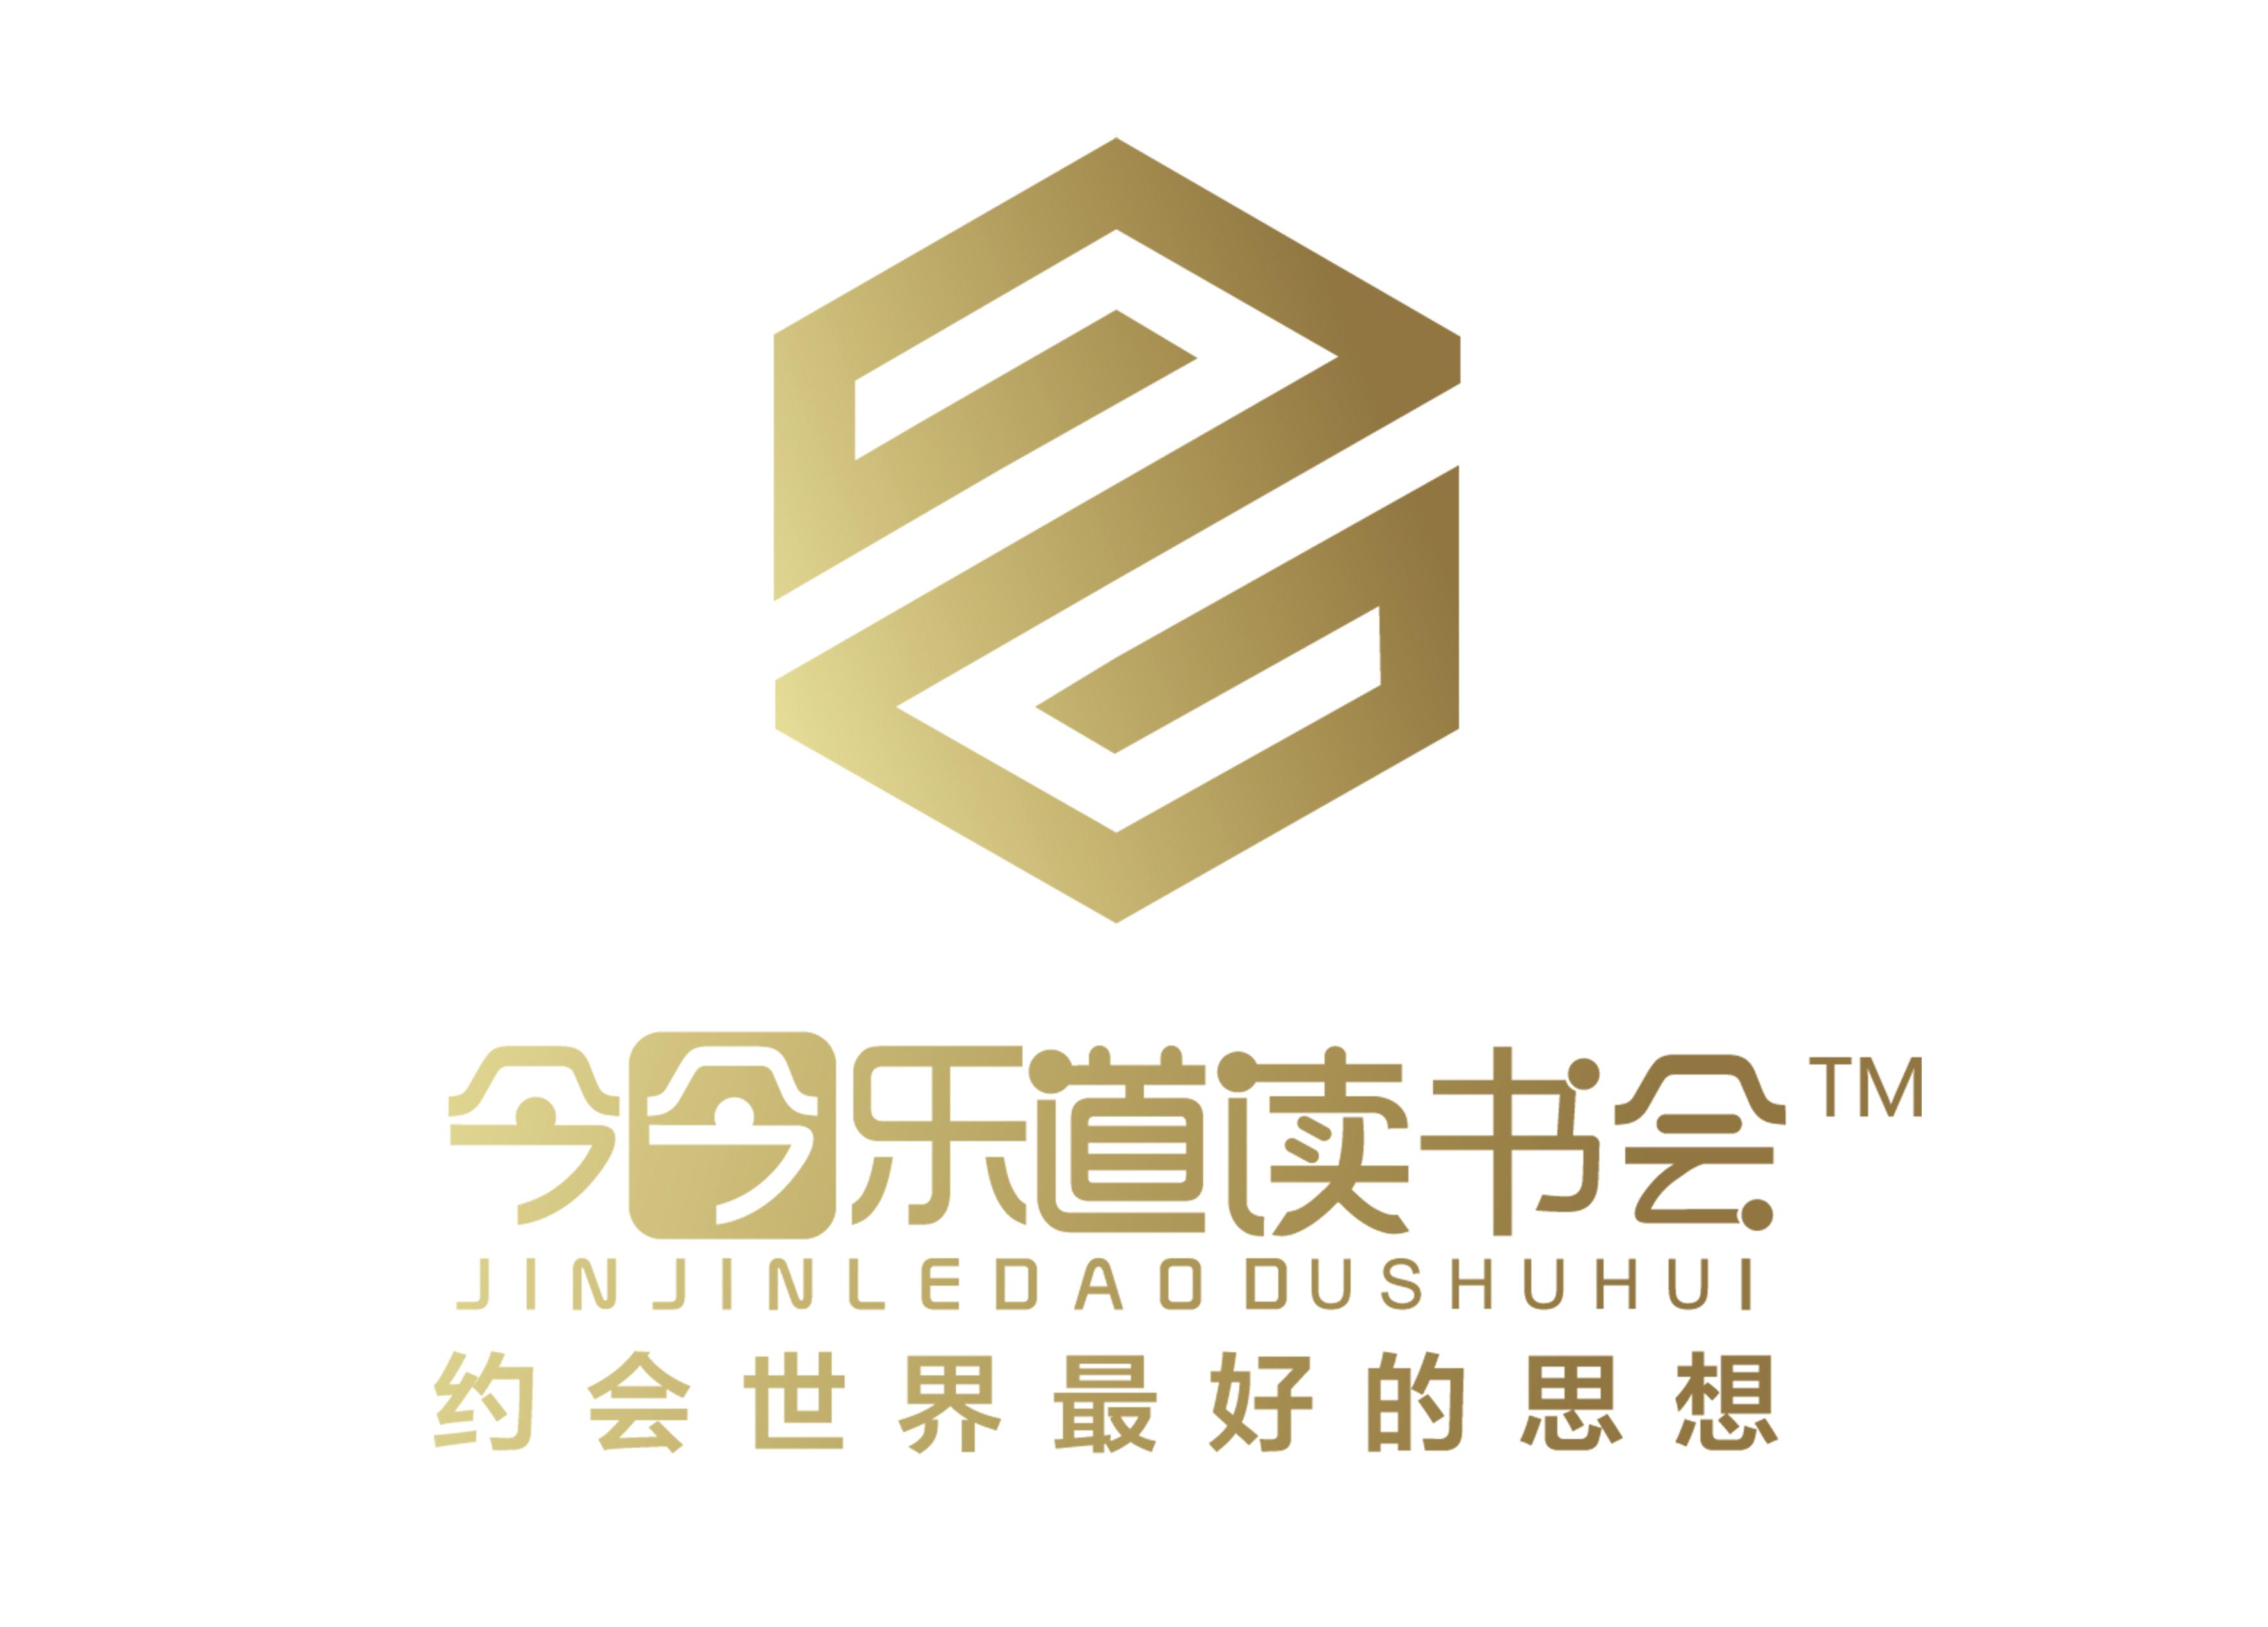 今今乐道读书会logo-竖(金).jpg